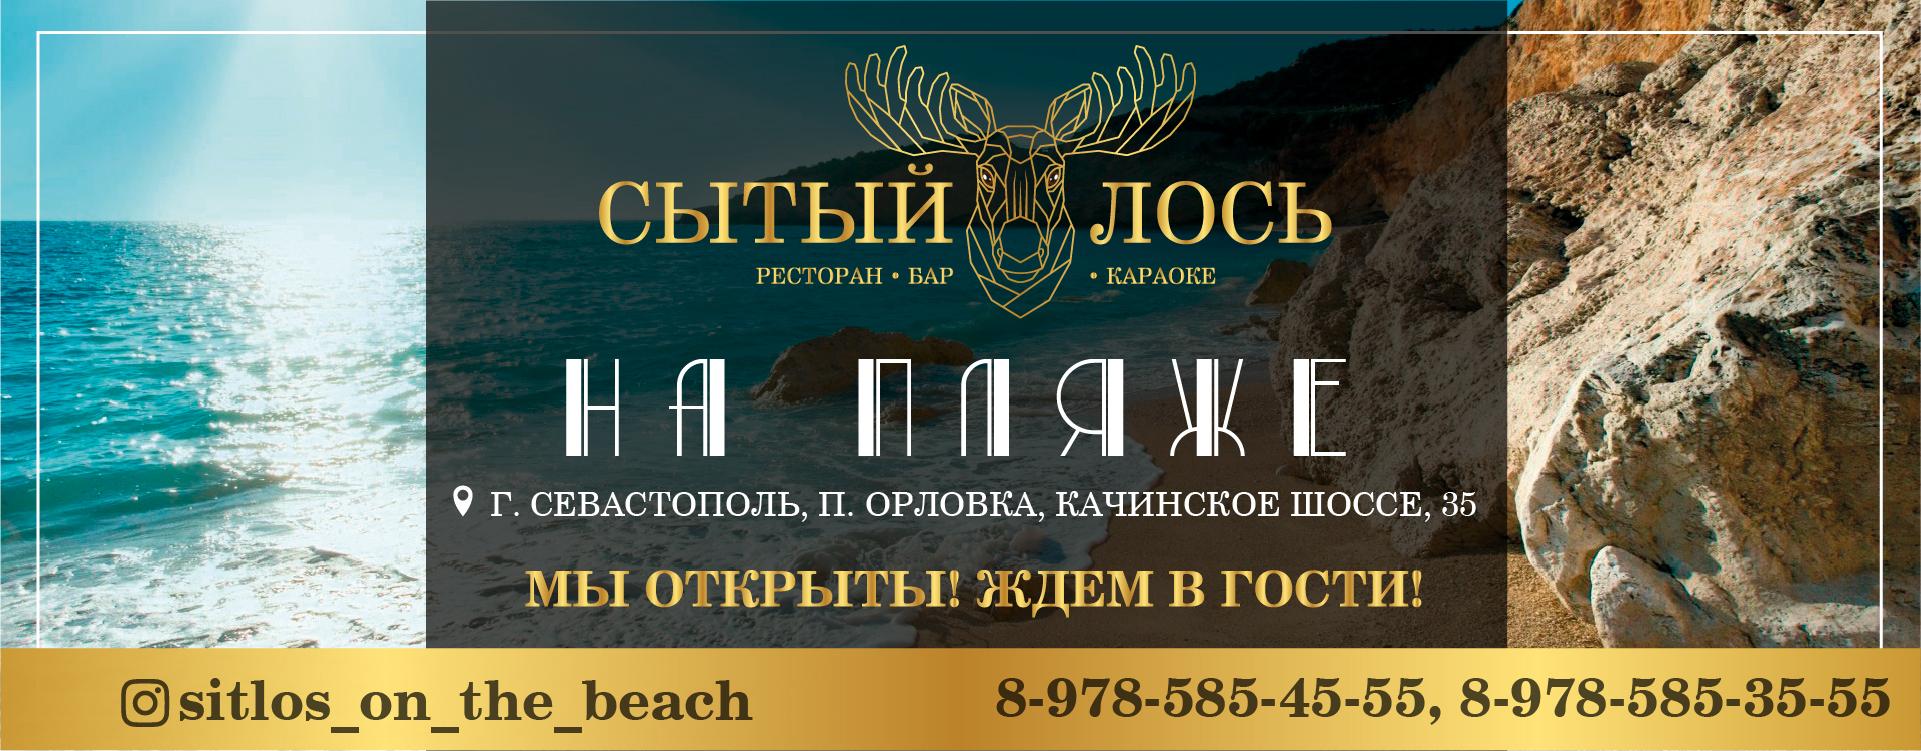 Ресторан Сытый лось в Крыму Севастополь